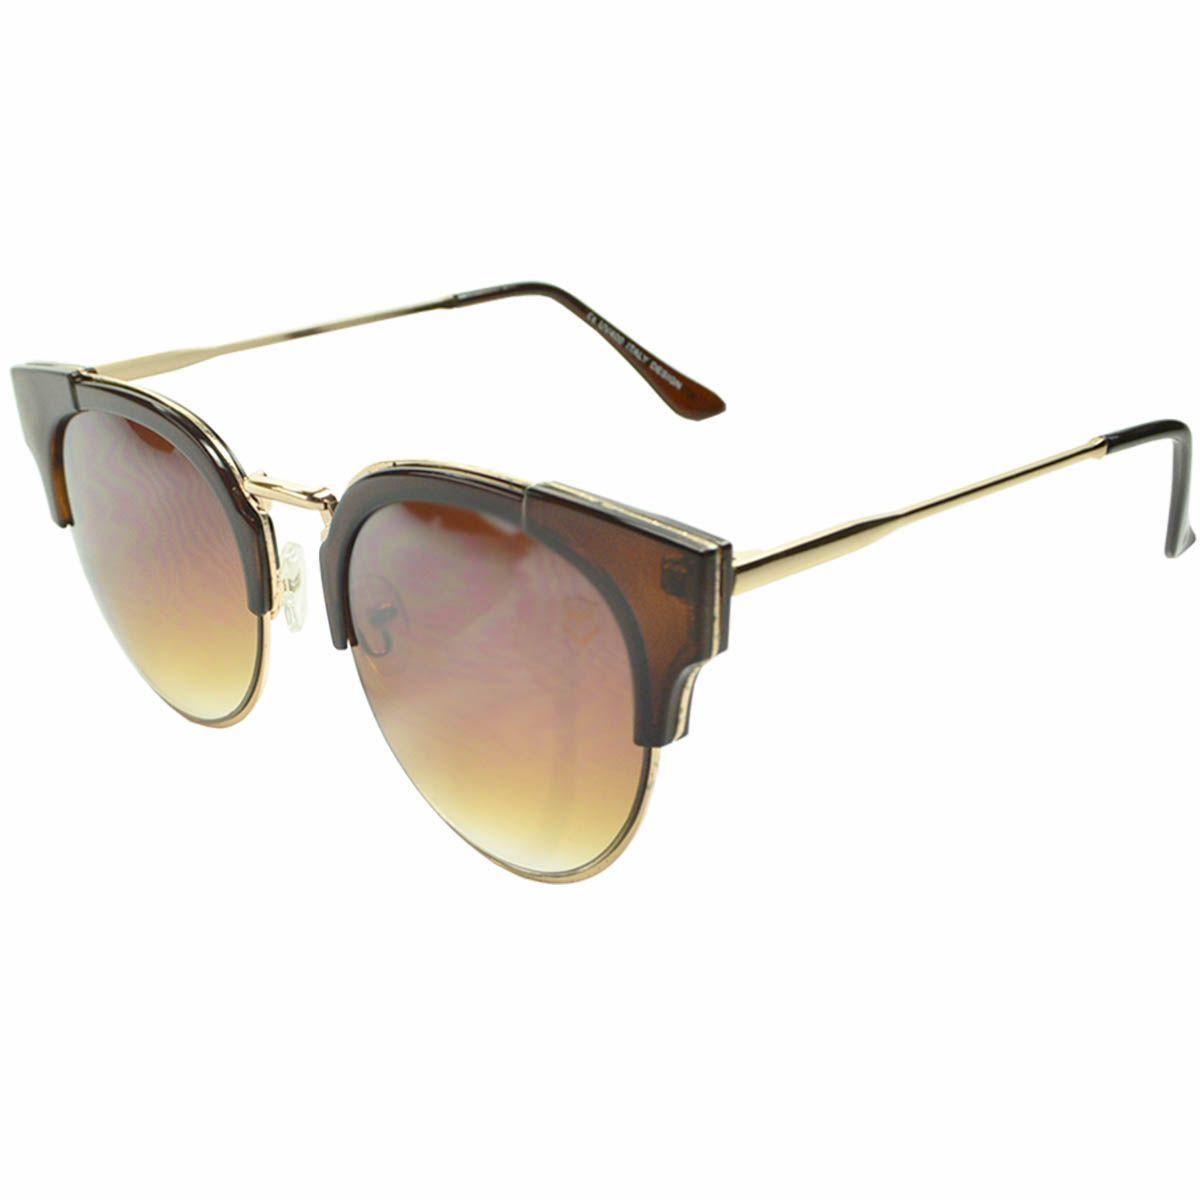 489328b0a Óculos de sol MACKAGE BRASIL | Comprar Óculos de Sol Online é Aqui ...